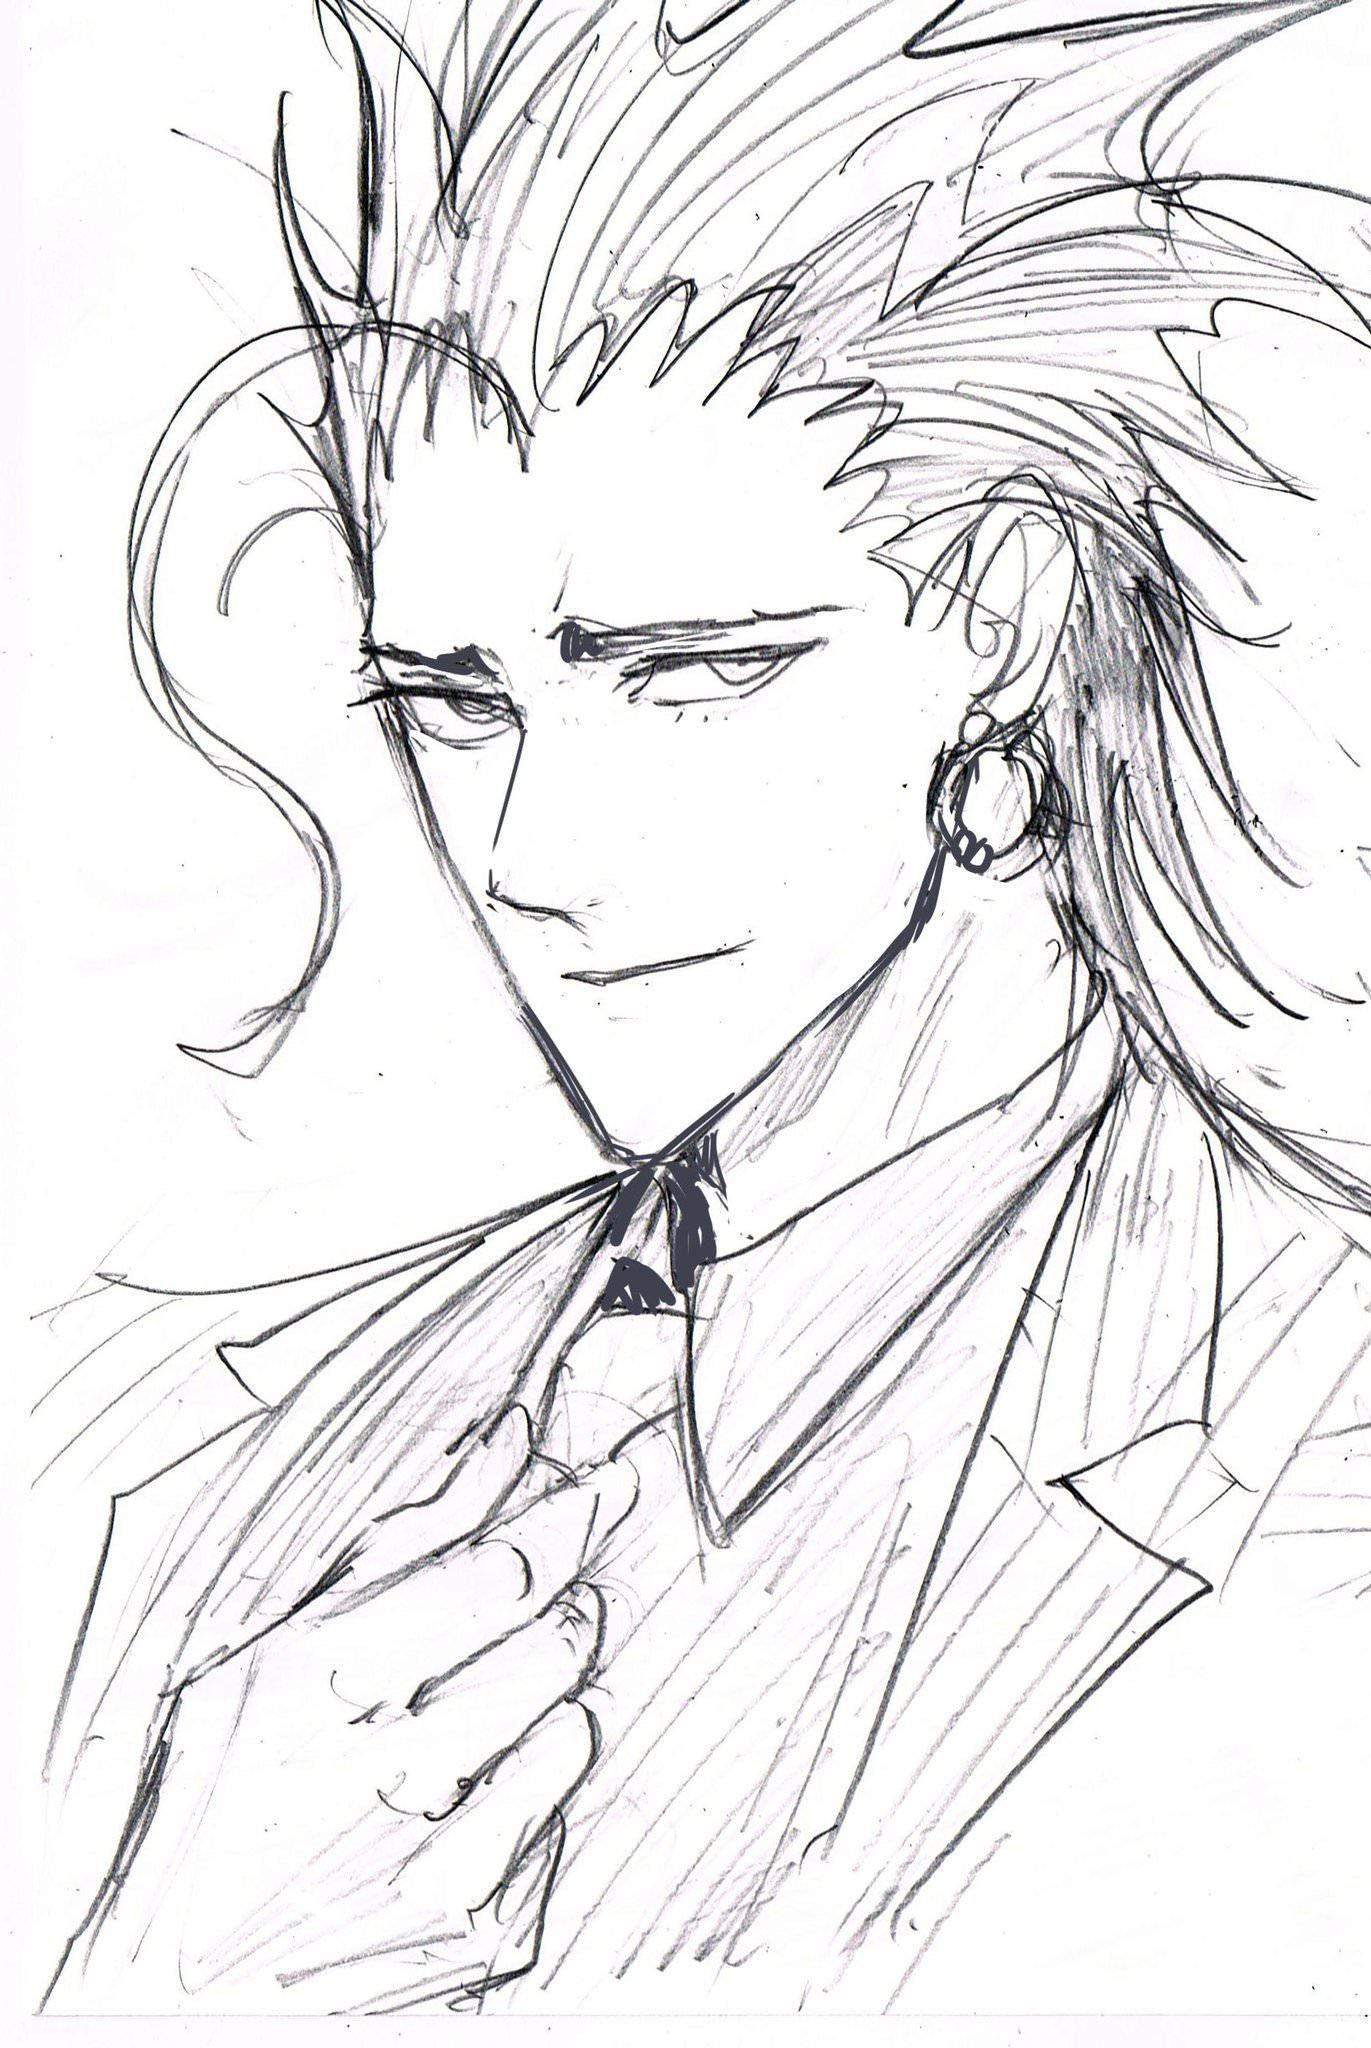 Reiji Maruko from Eyeshield 21 sketch by Yusuke Murata